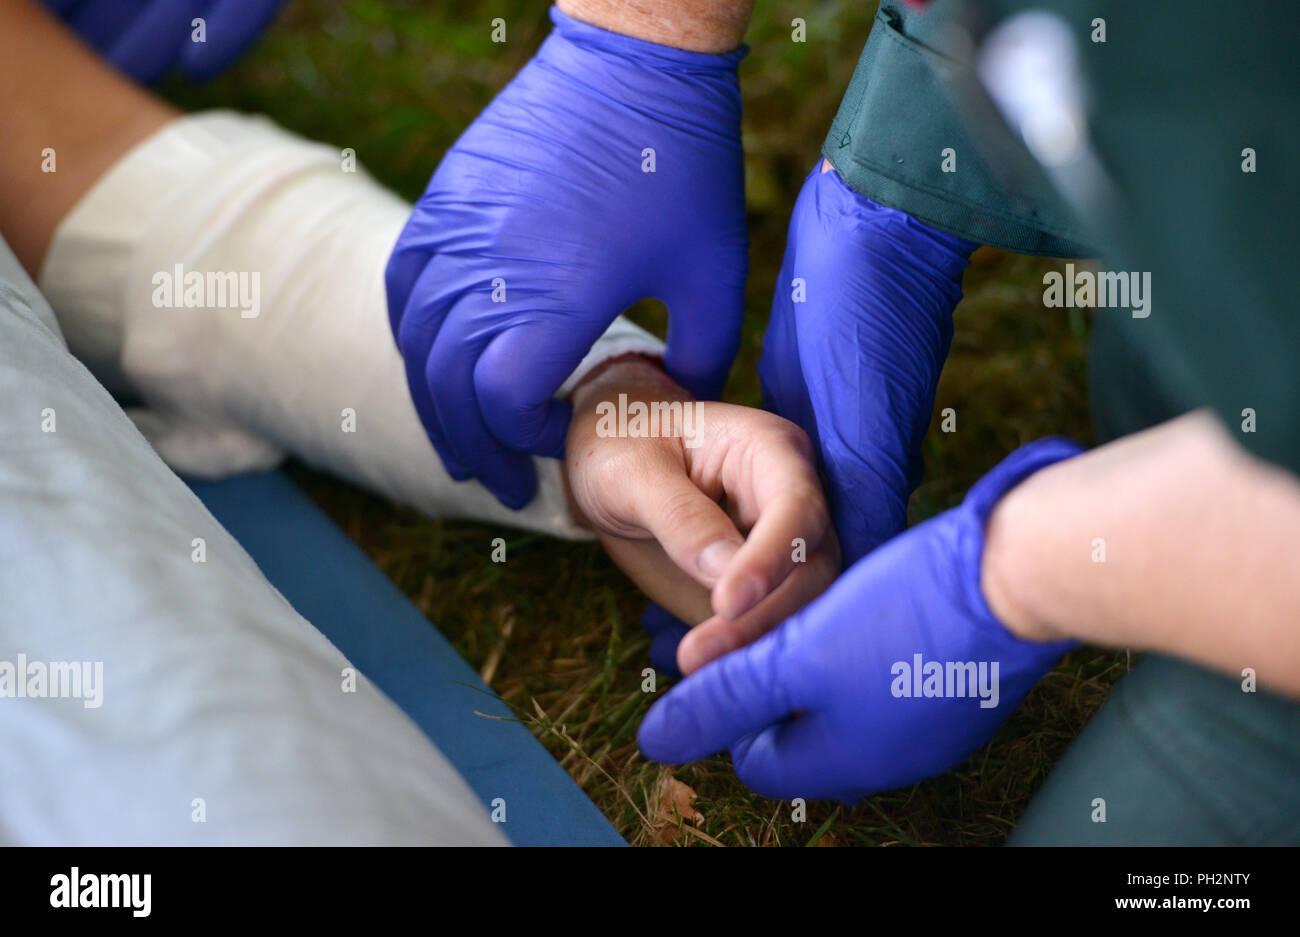 Paramedic prendre le pouls d'un blessé Photo Stock